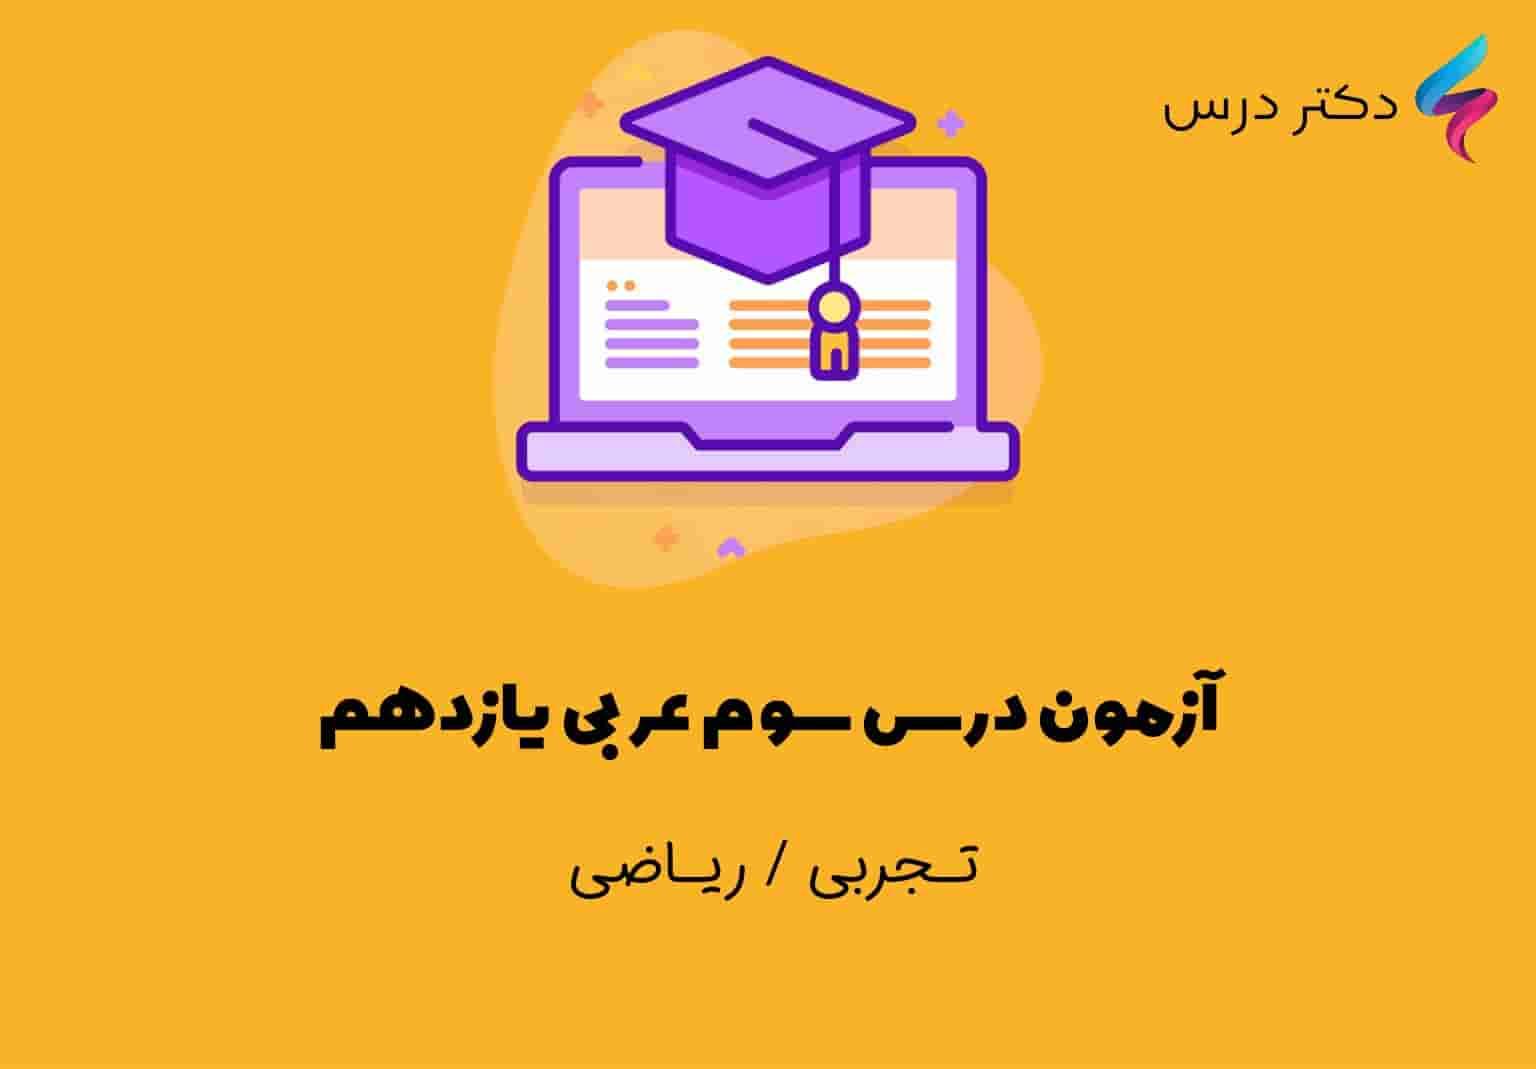 آزمون درس سوم عربی یازدهم همراه تست و نمونه سوال با جواب